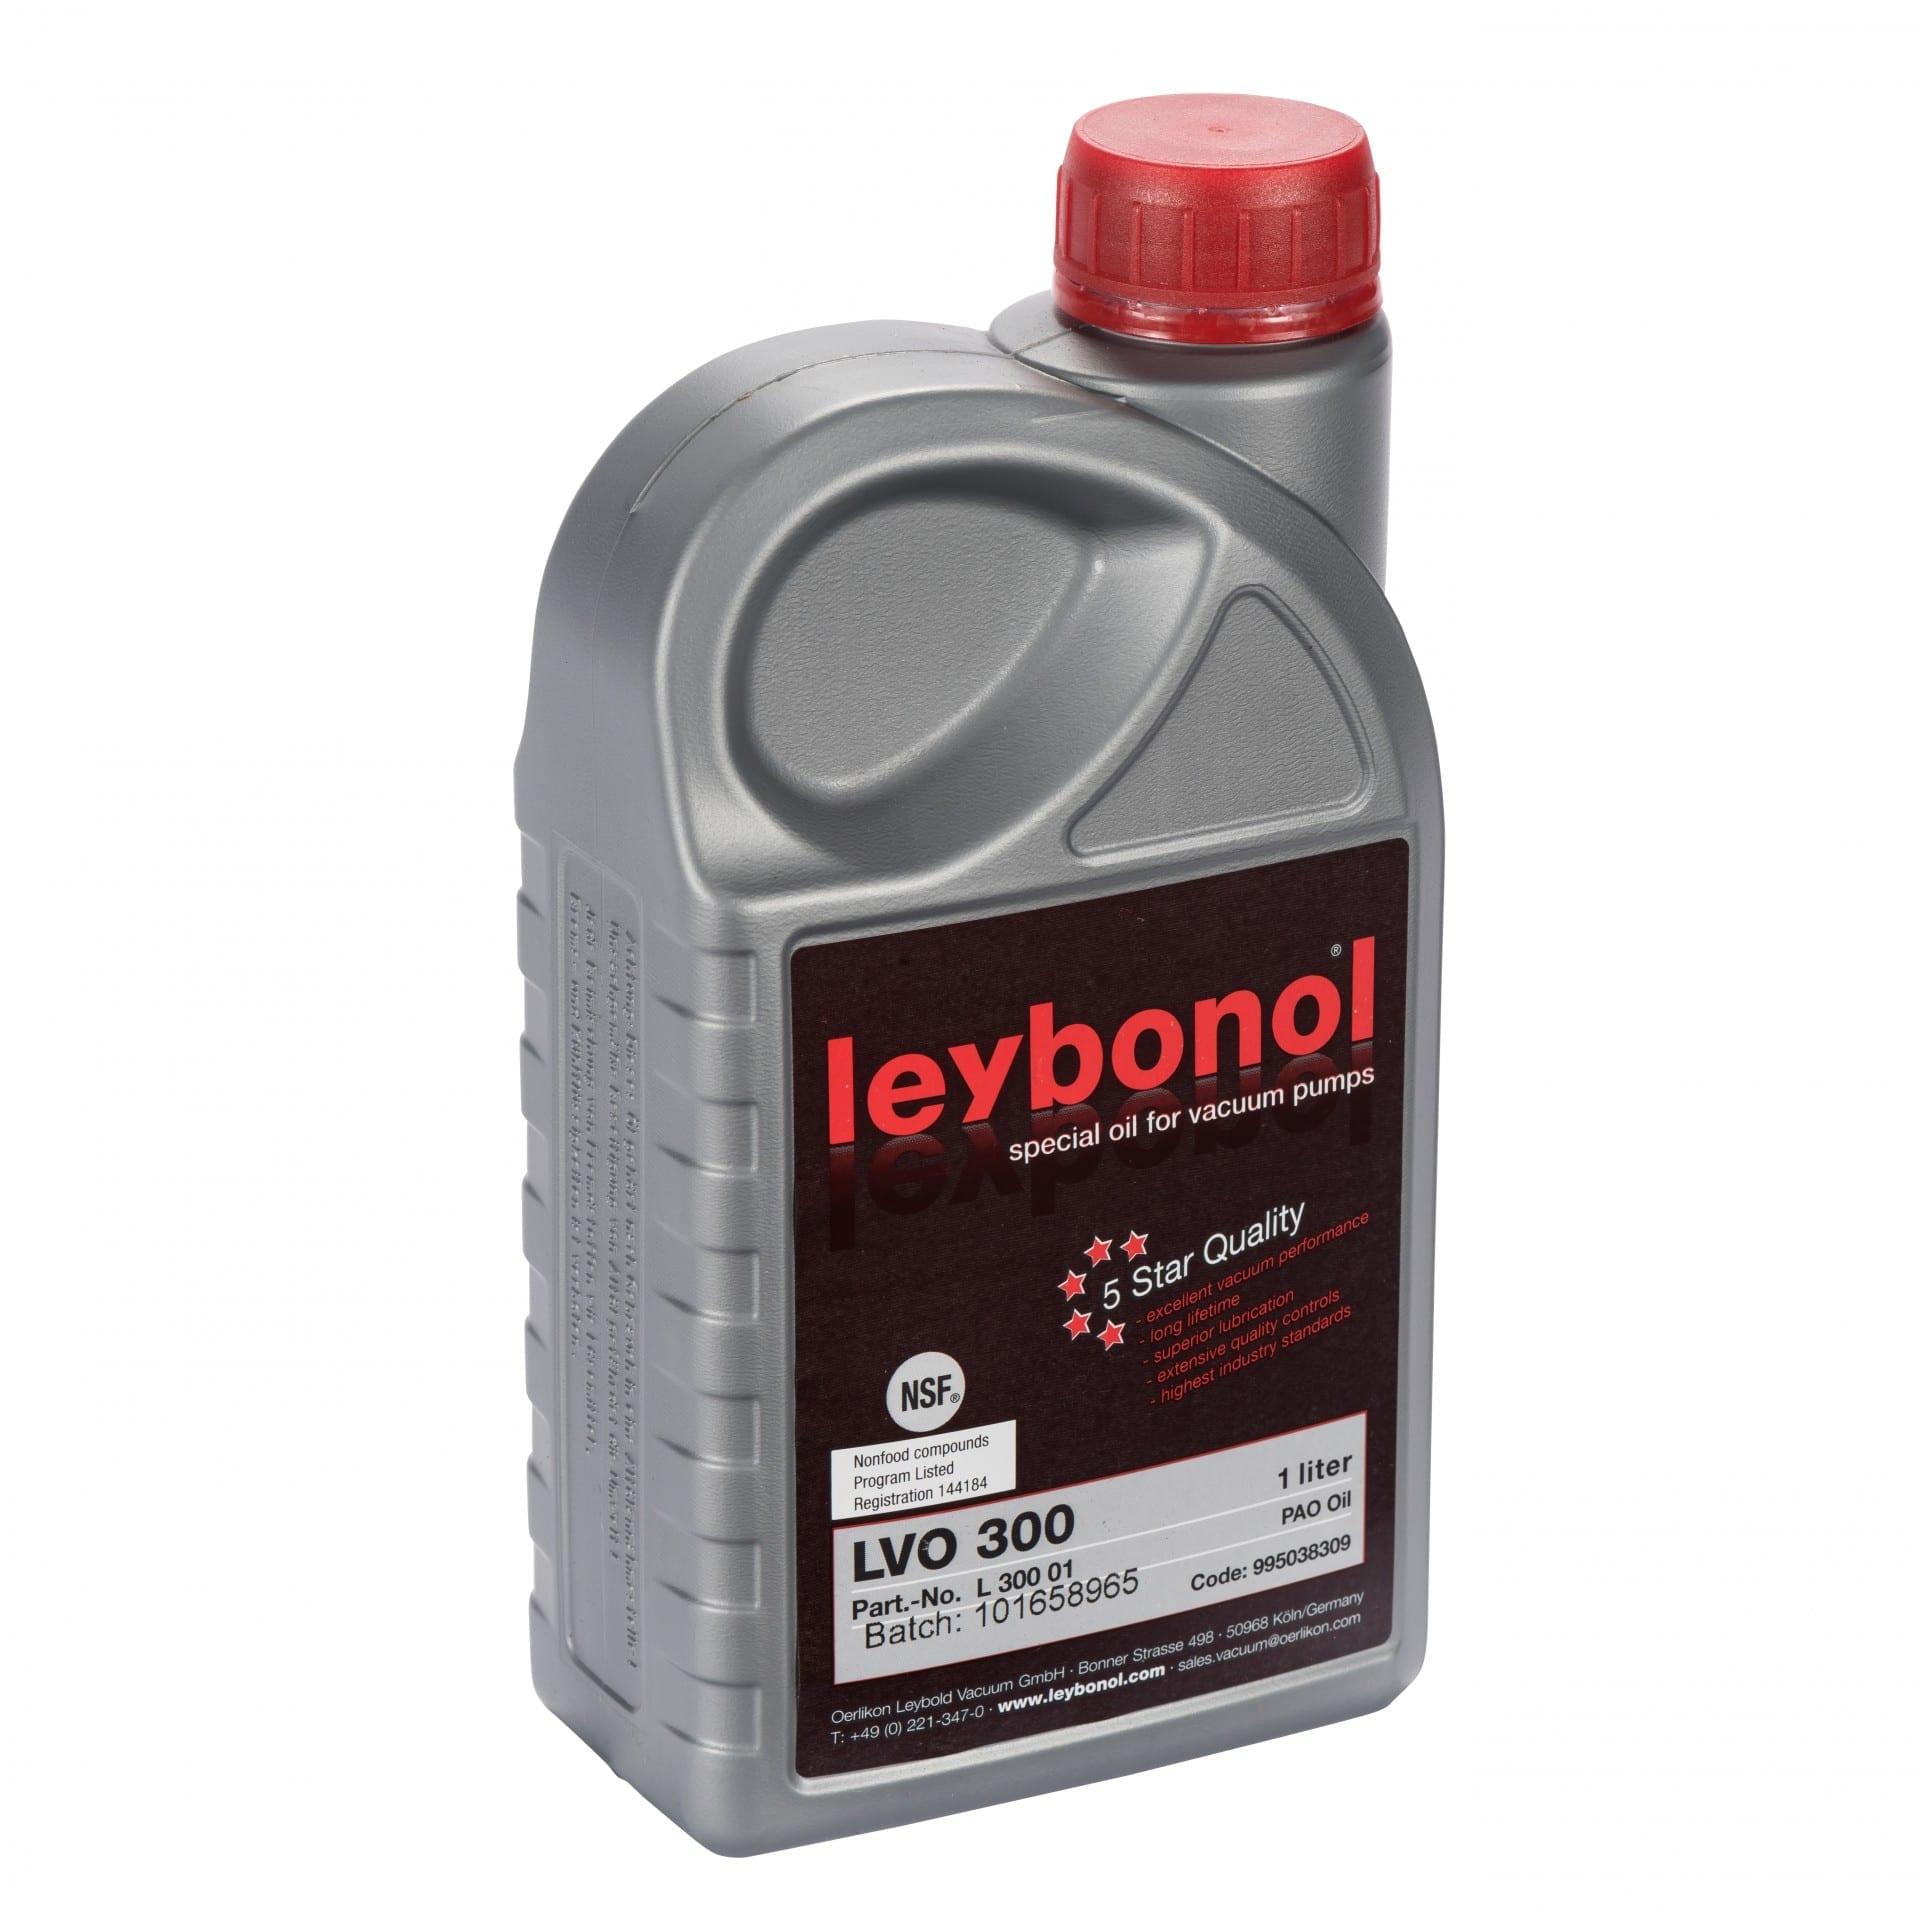 莱宝LEYBONOL LVO 300 PAO润滑油LEYBONOL